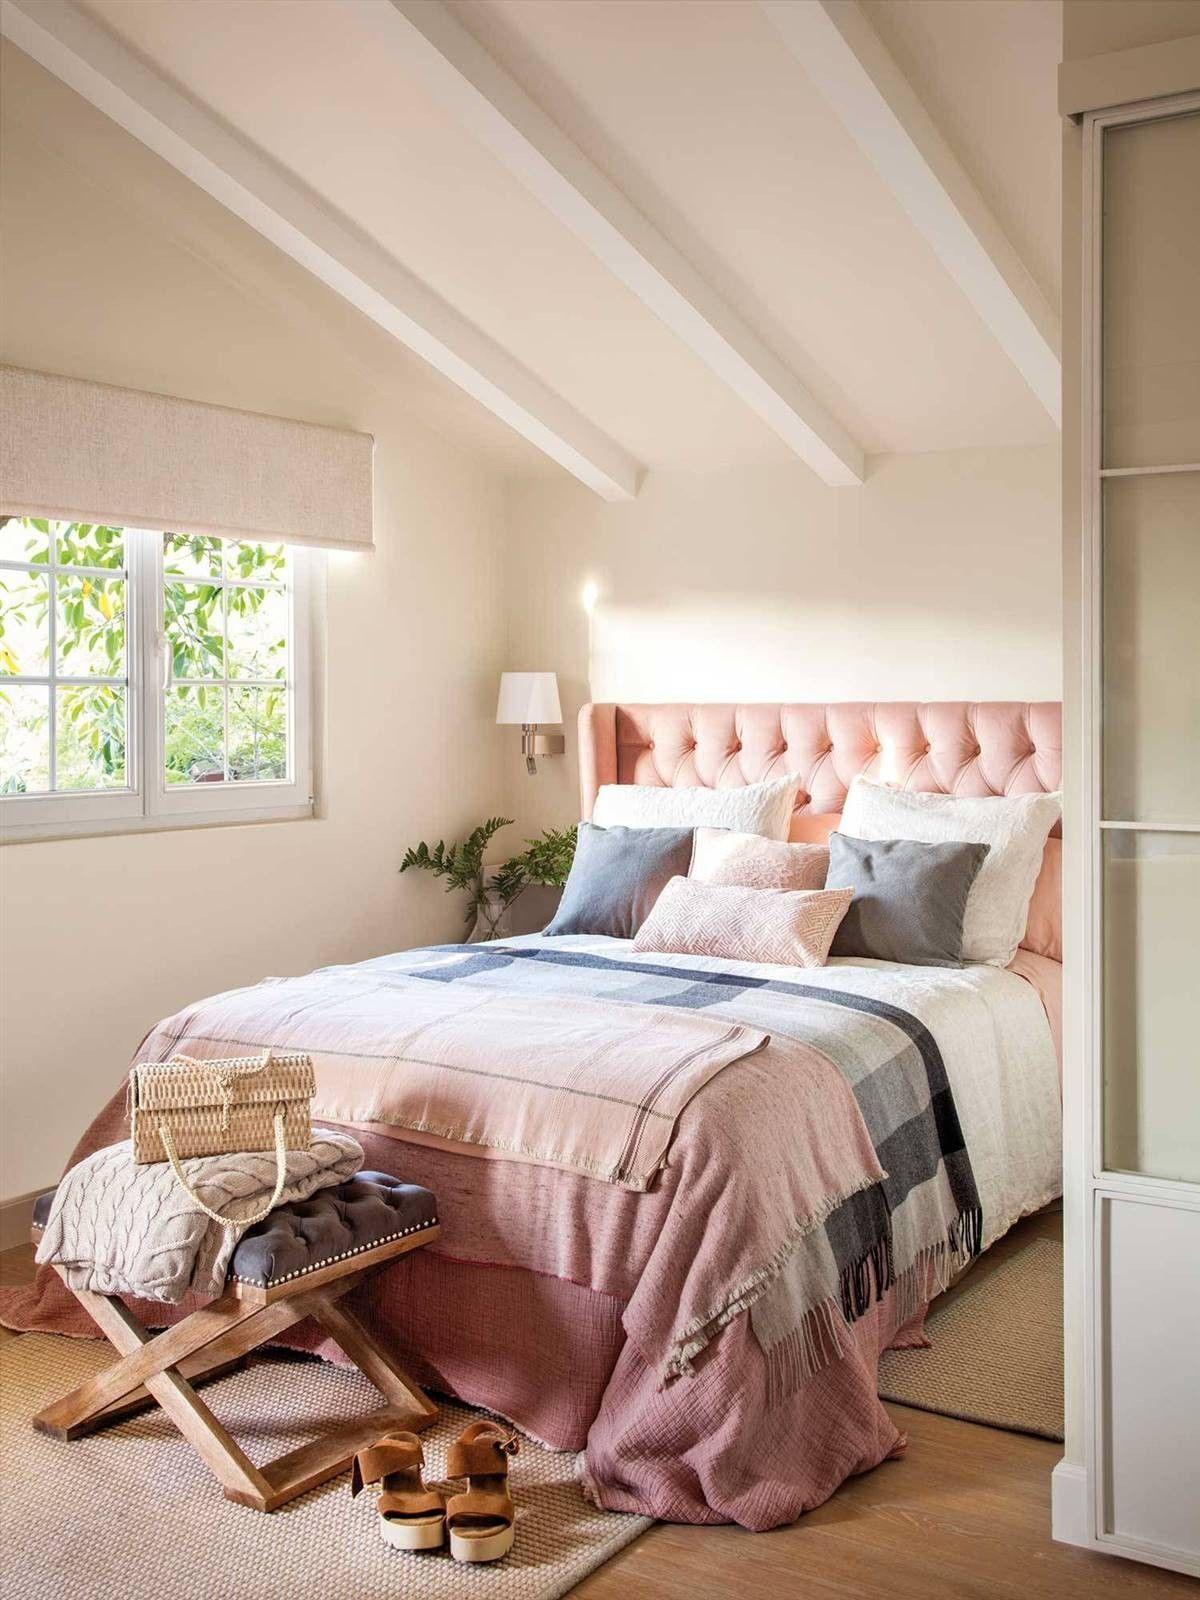 Pin De Adarvephotocollage En Deco Room By Room Dormitorios Decoraciones De Casa Ideas De Diseno De Interiores